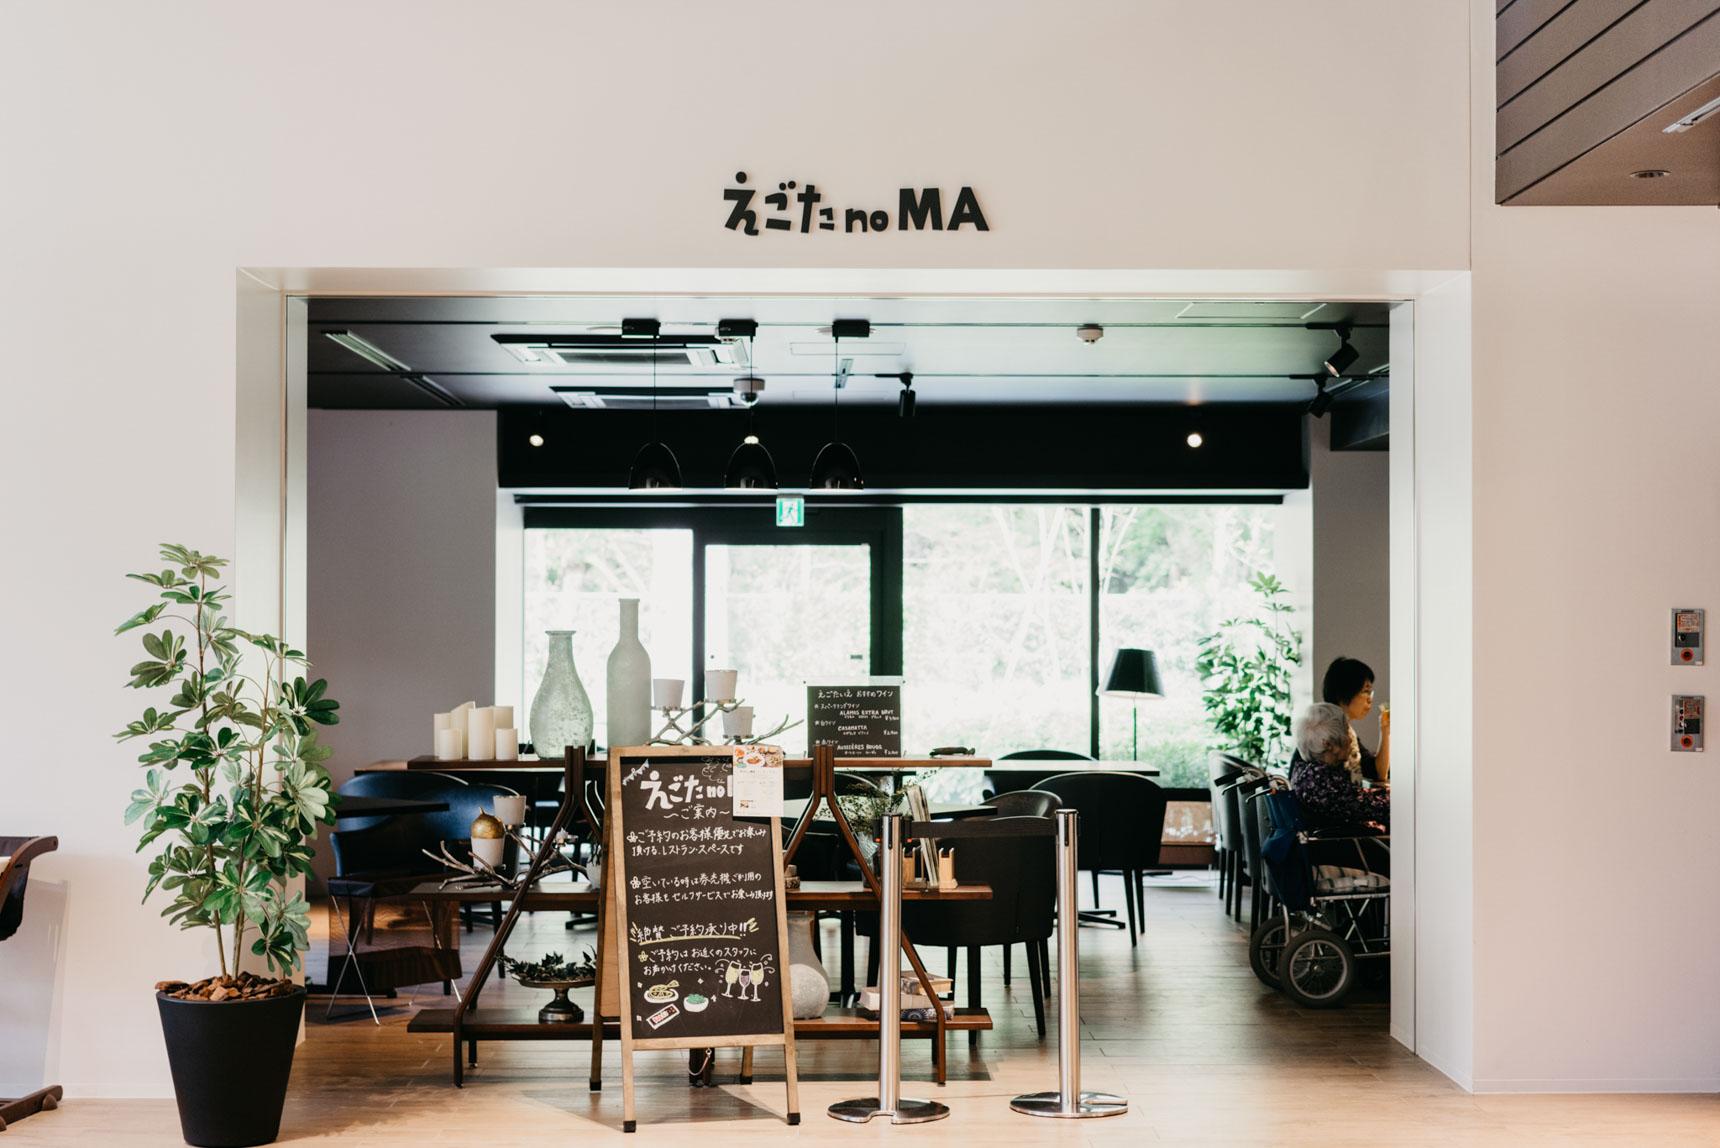 よりゆったりと食事をしたい時には、予約制のレストラン「えごたnoMA」で。